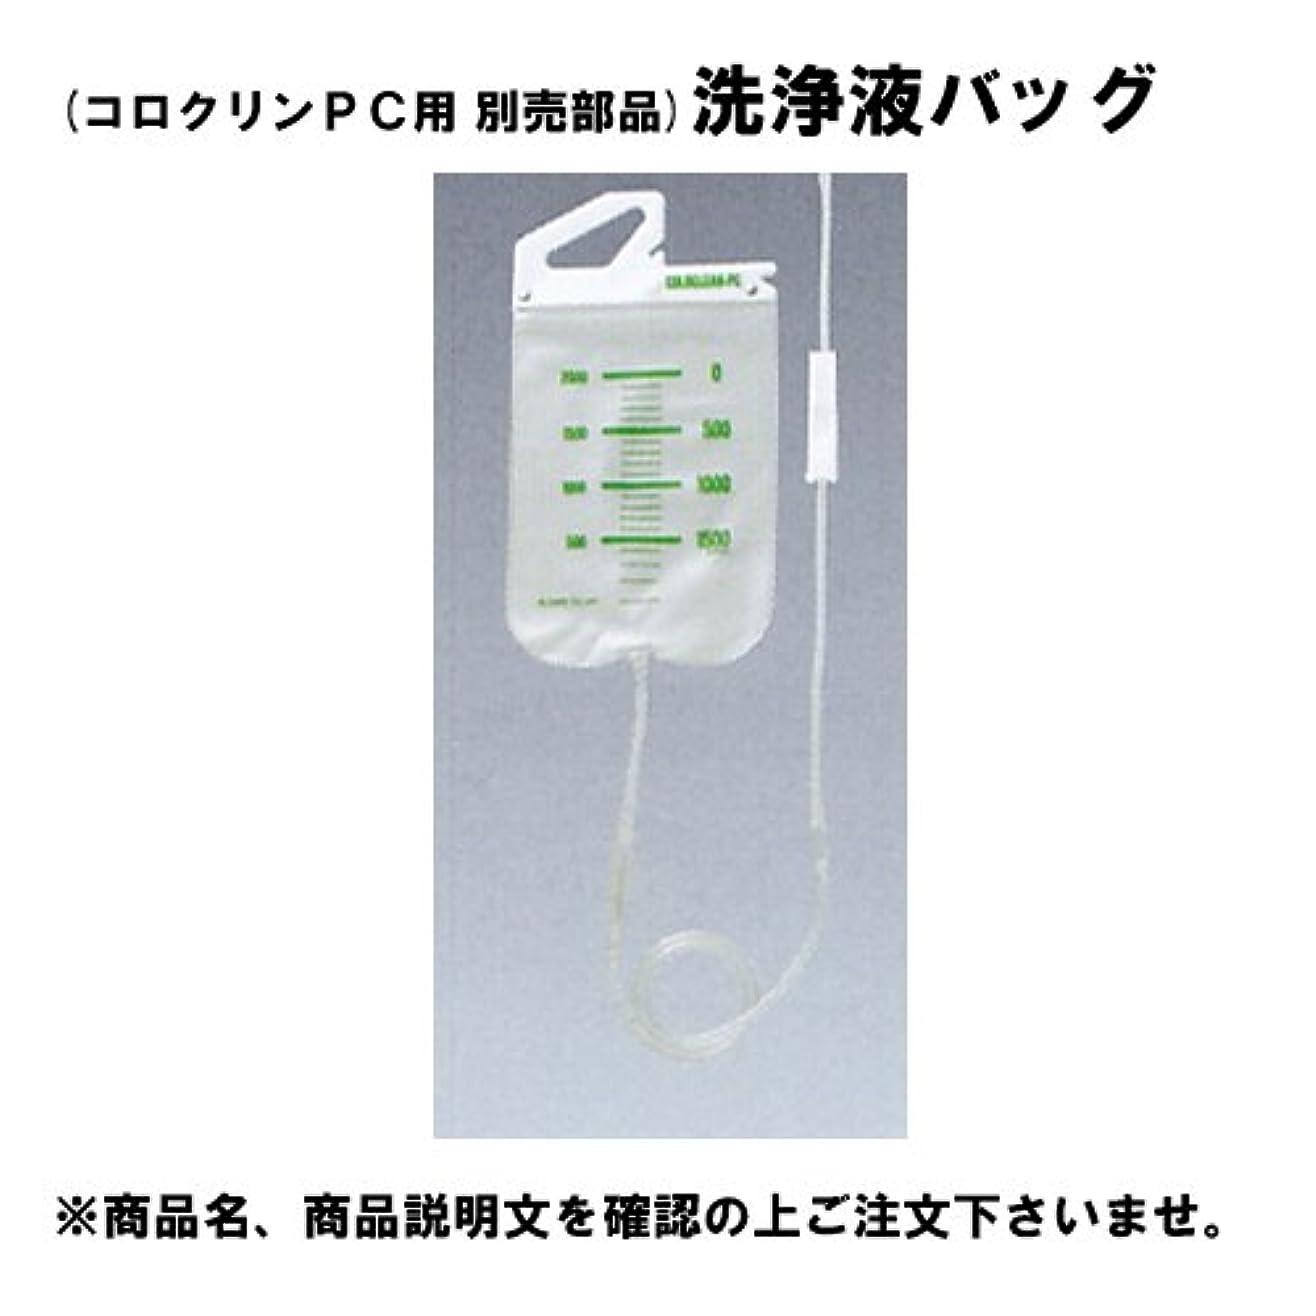 タイプ原因起こる〔アルケア〕コロクリンPC用部品 洗浄液バッグ 容量2000ml(ロールクランプ付)×1個入〔品番:13411〕